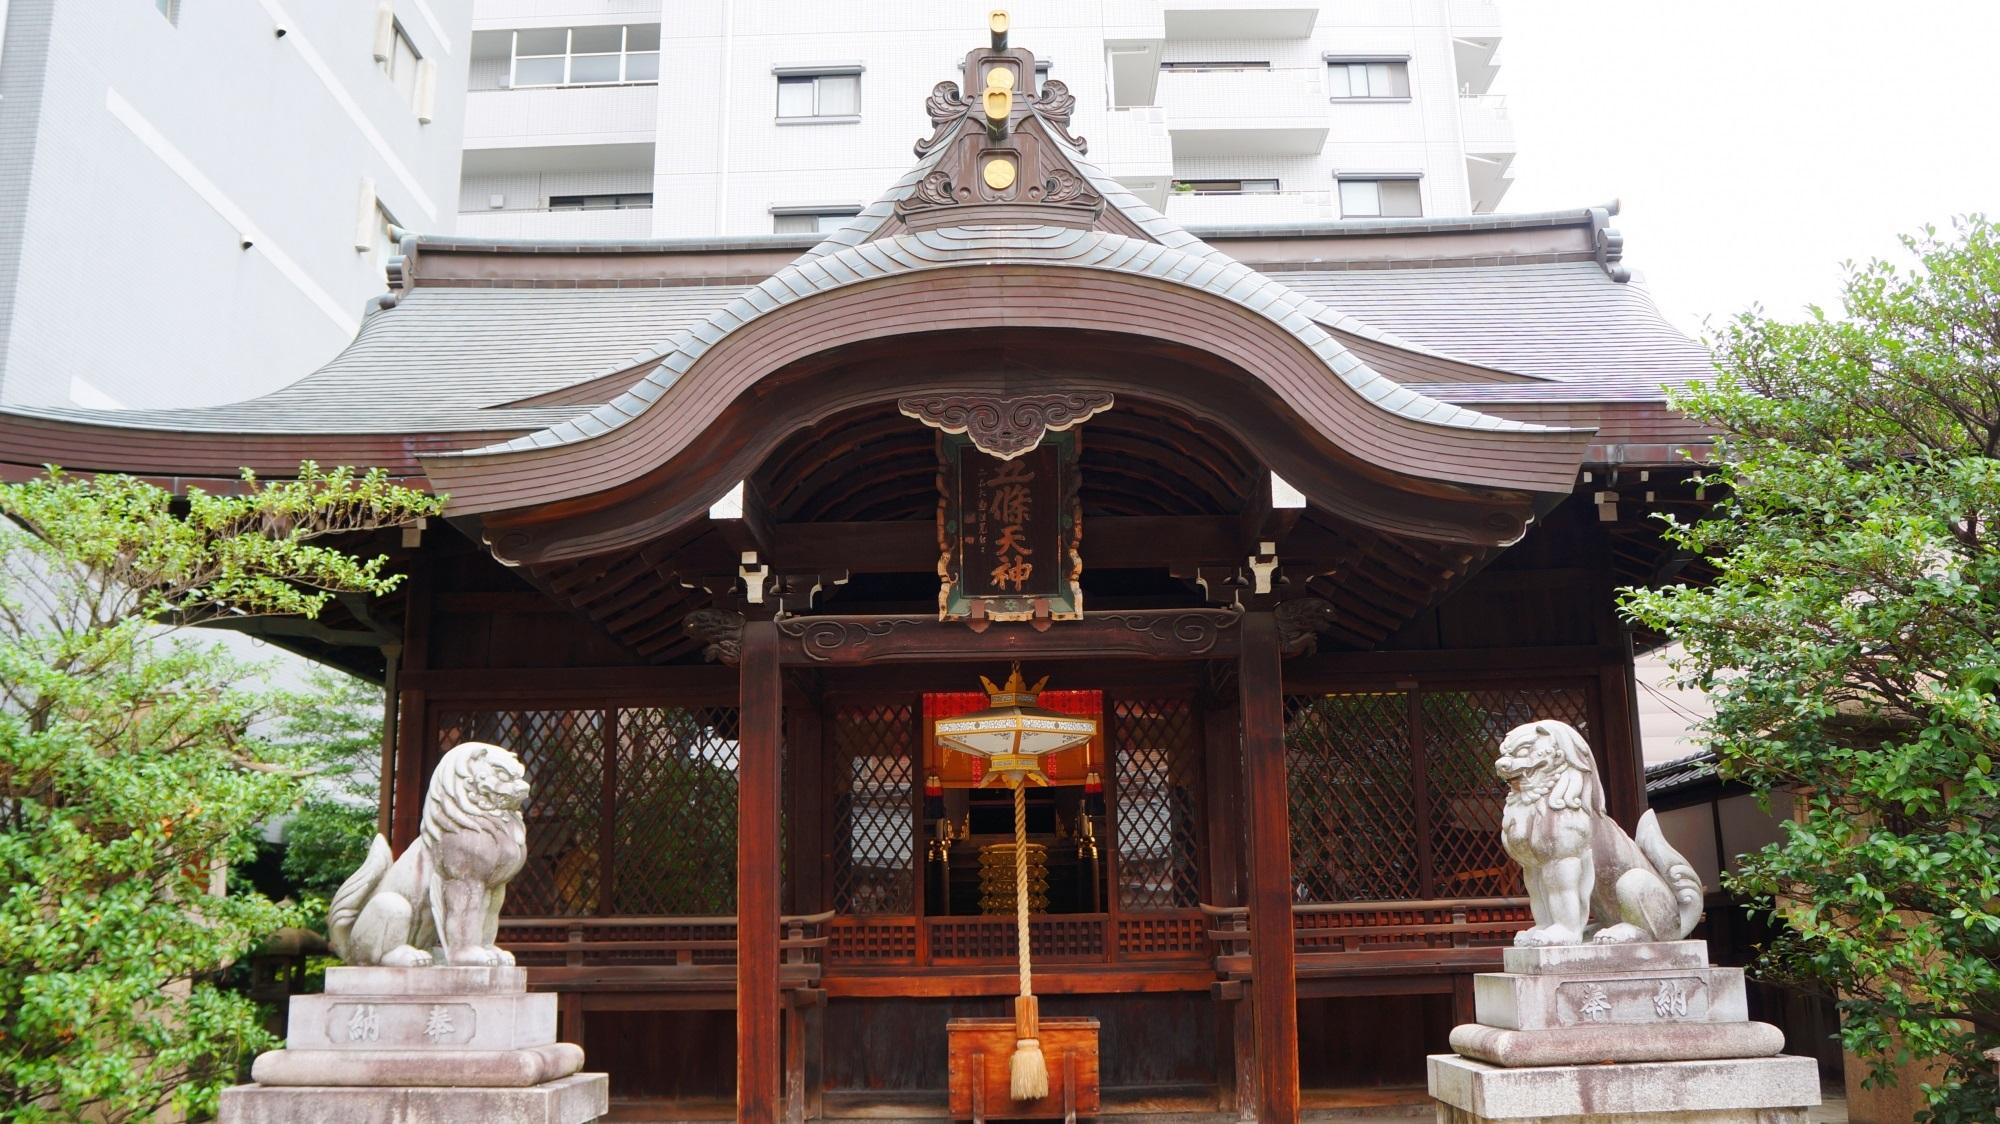 五條天神宮(五條天神社)